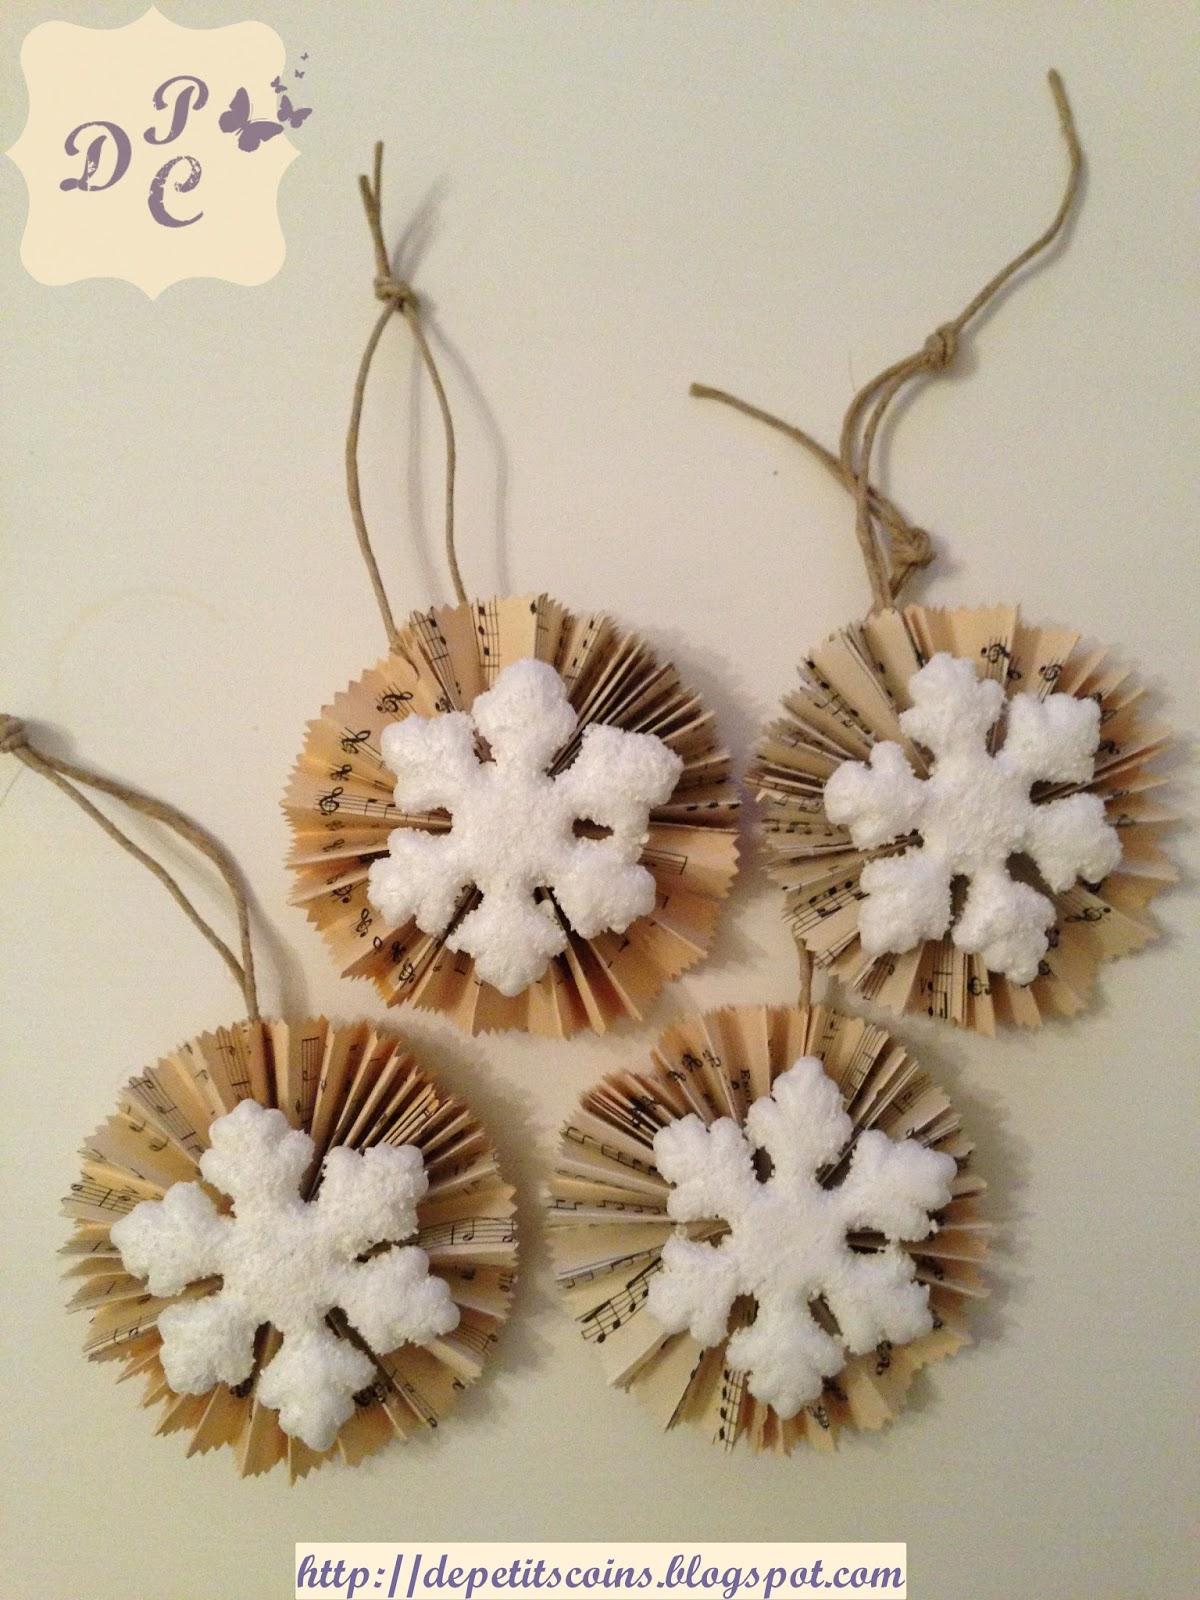 De petits coins decorazioni natalizie con spartito musicale for Decorazioni da tavolo natalizie